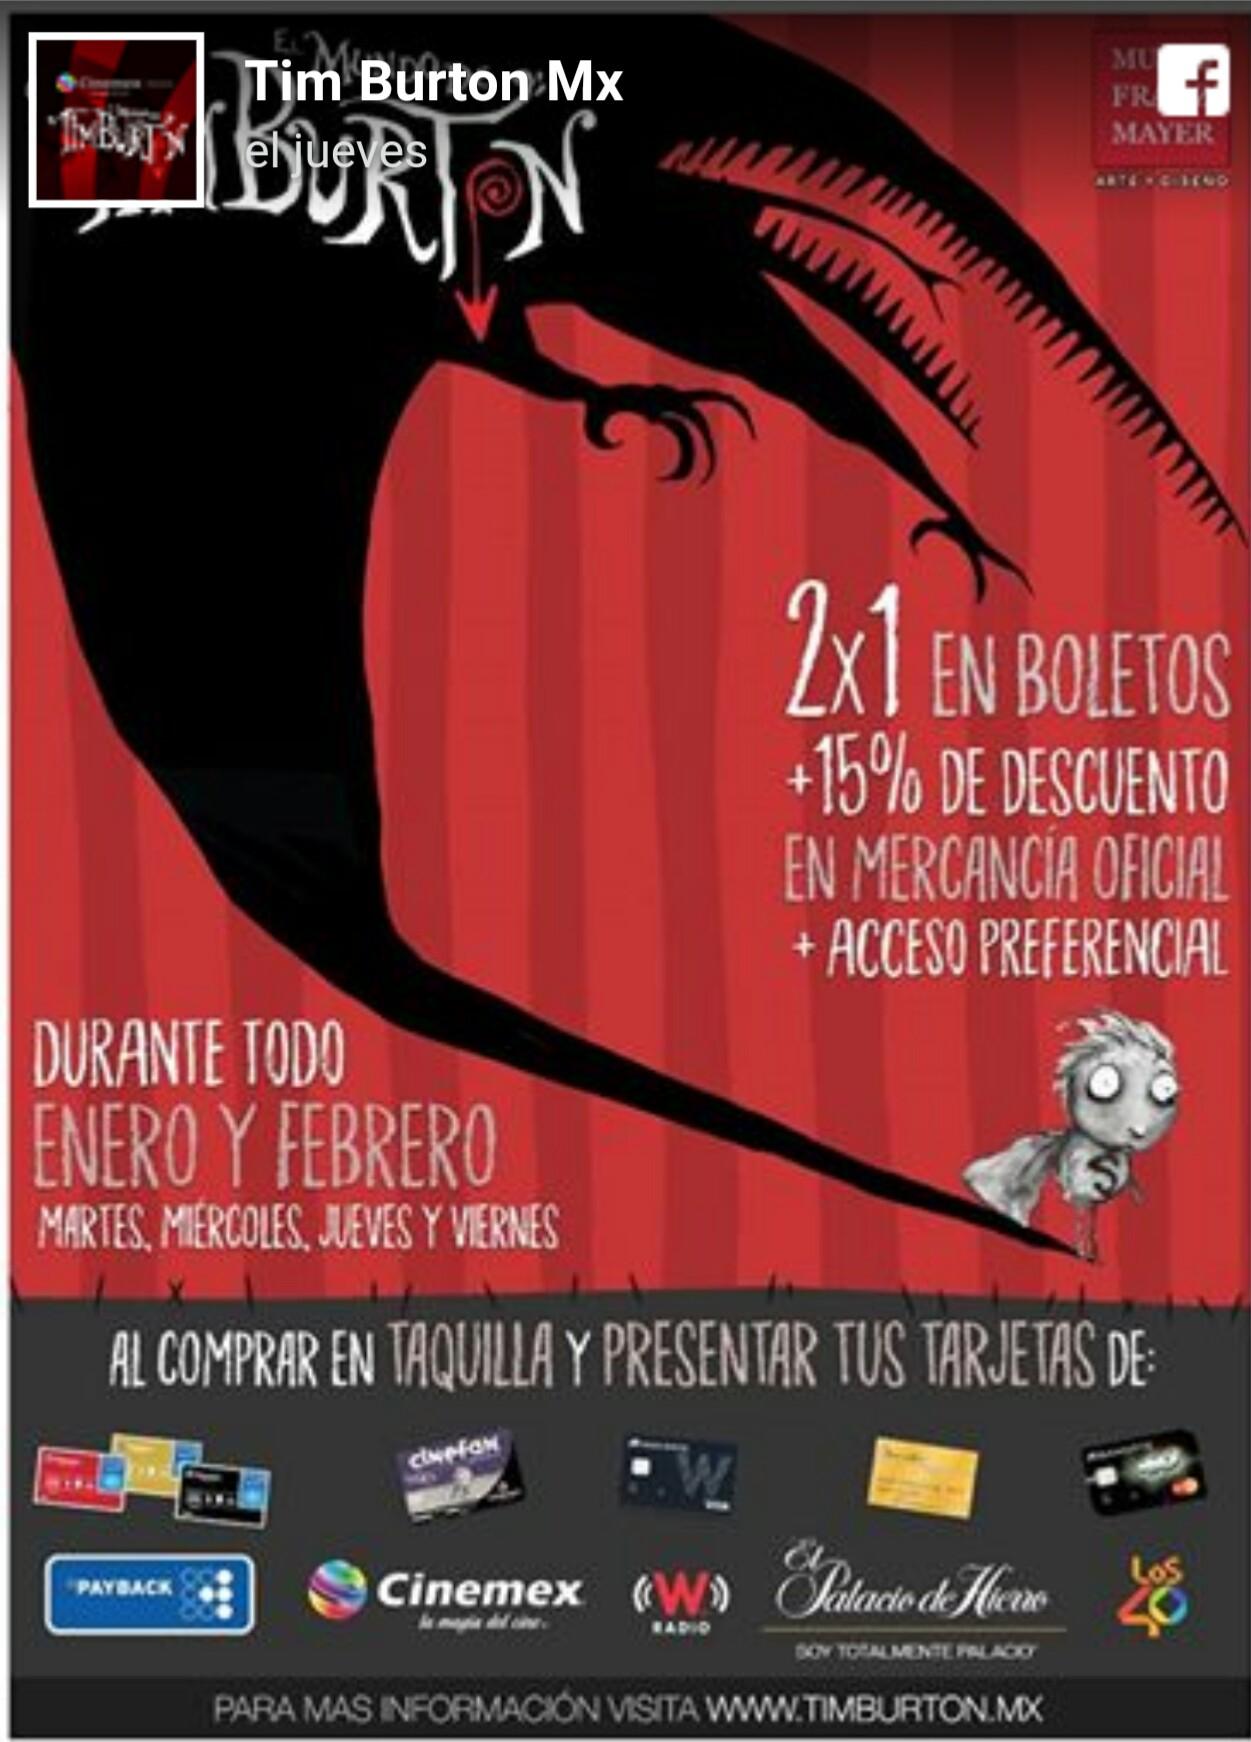 2x1Boletos Expo Tim Burton